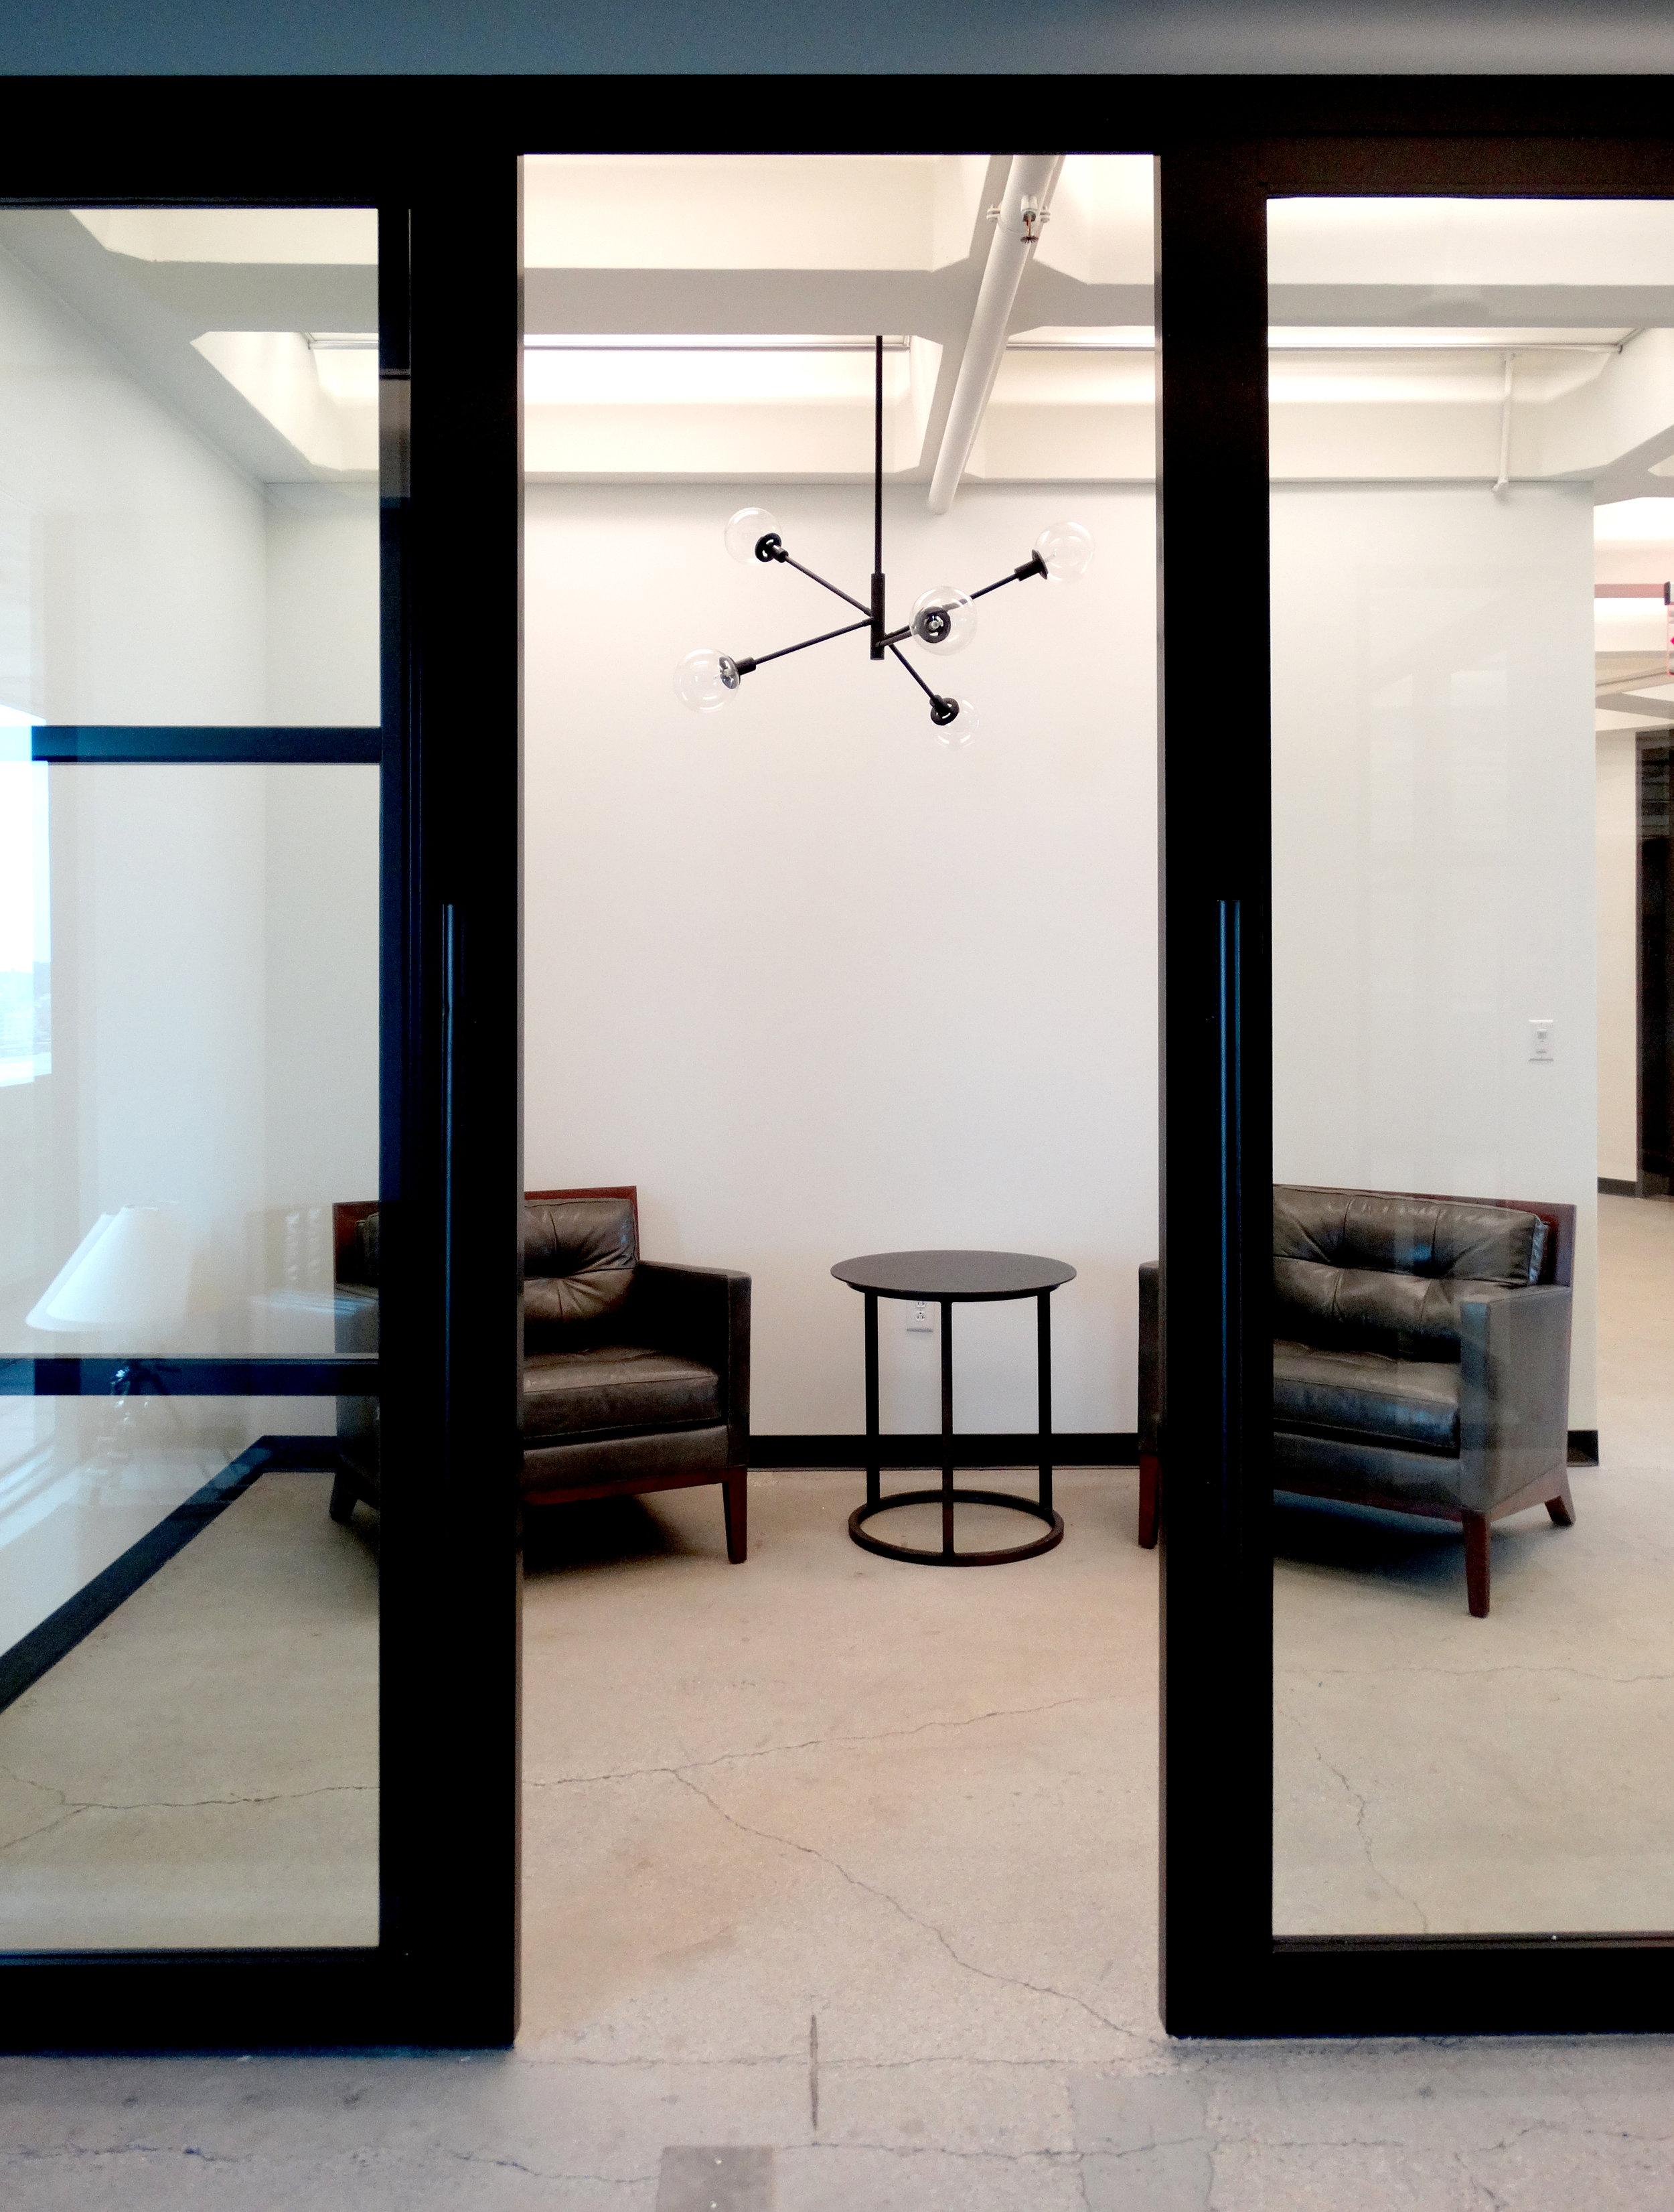 Encase Black Aluminum Framed Bi-Parting Sliding Glass Doors - Spaceworks AI.JPG